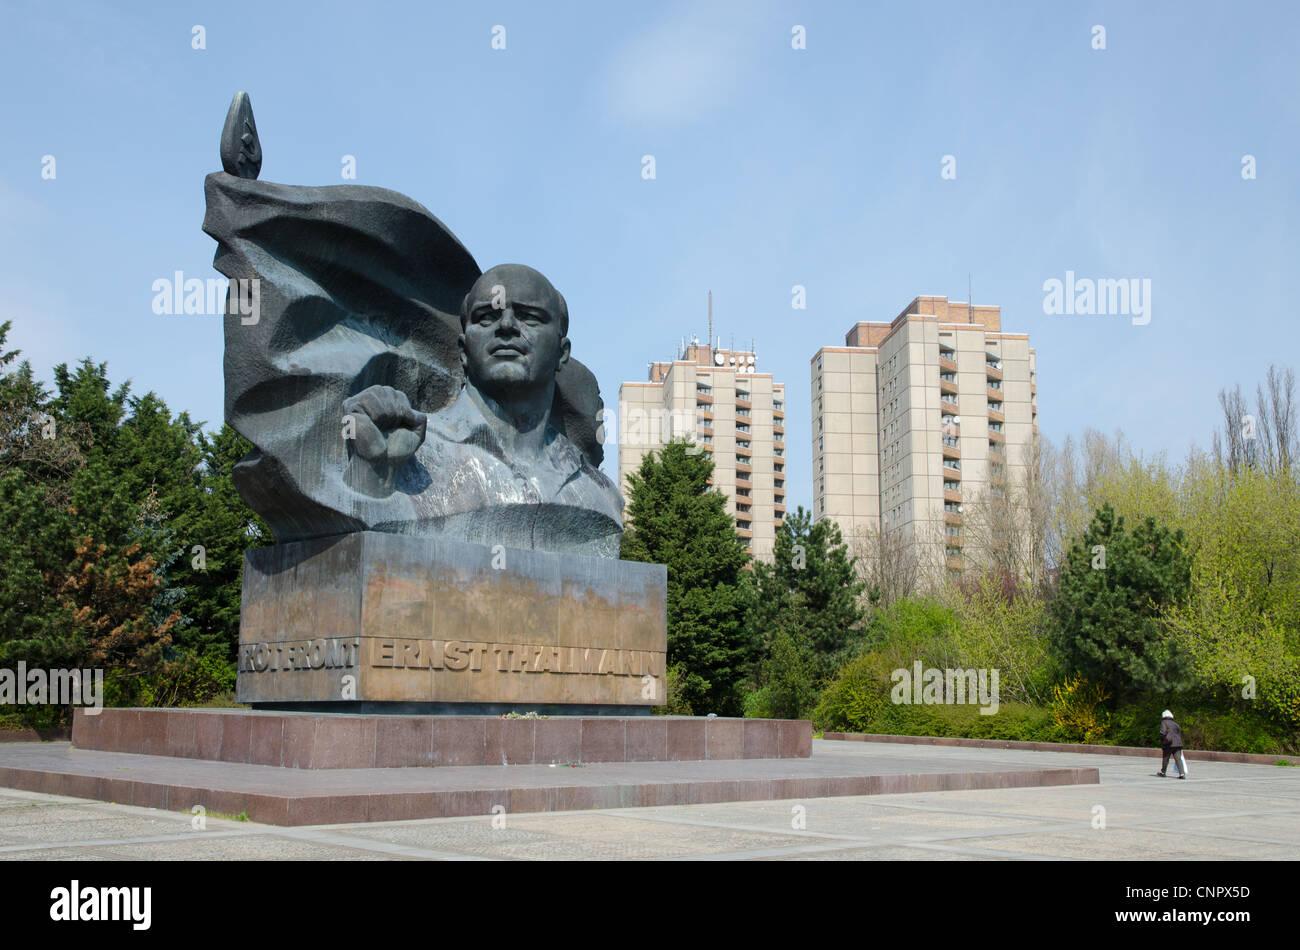 Ernst Thaelmann giant communist monument in eastern Berlin - Stock Image